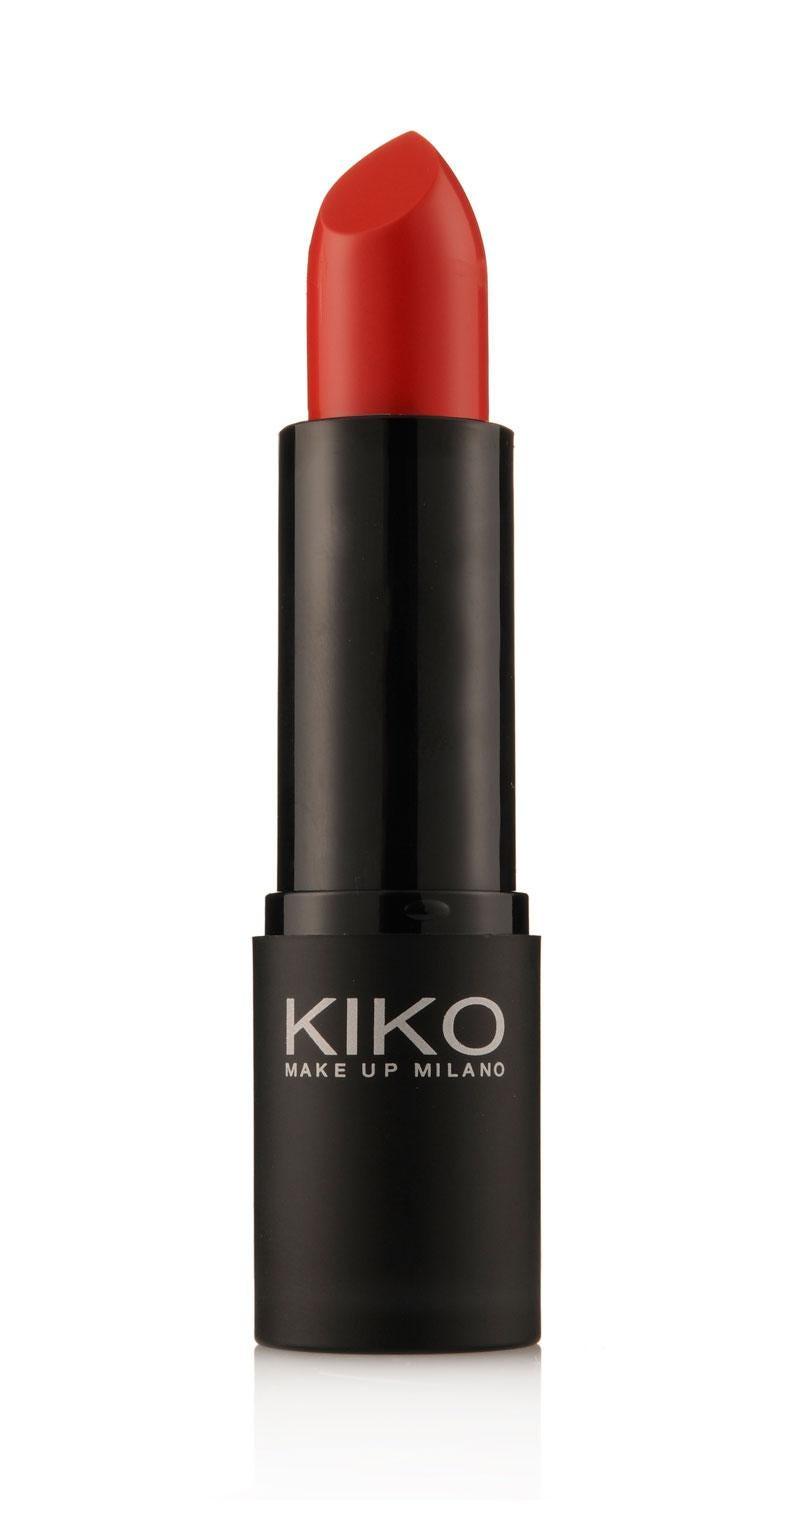 Smart lipstick in 908 True Red, £3.90, kikocosmetics.co.uk